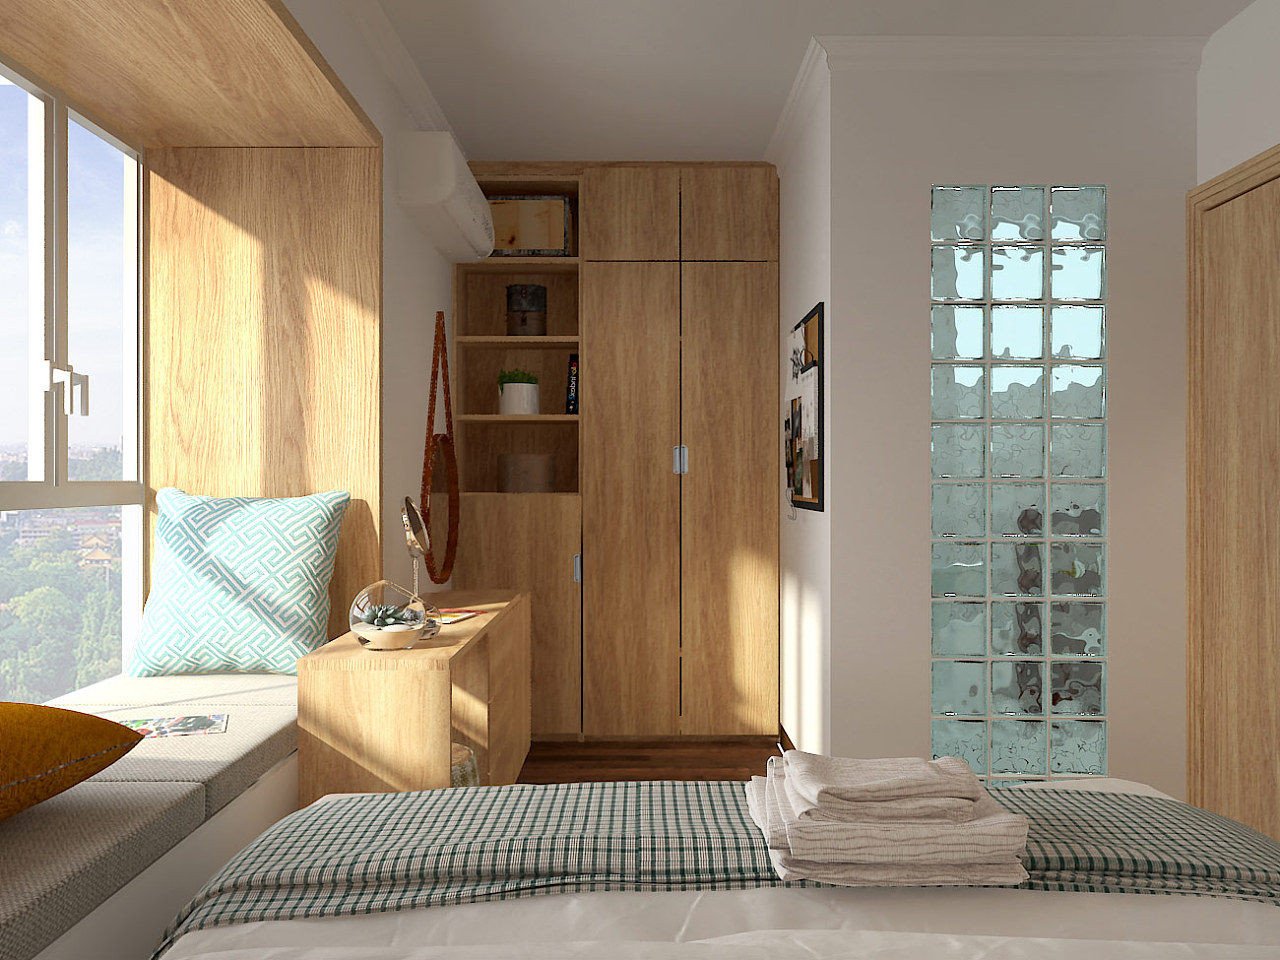 北欧意识混搭日式住宅设计|厂房|室内设计|前空间叶平重庆风格v意识装修设计图片